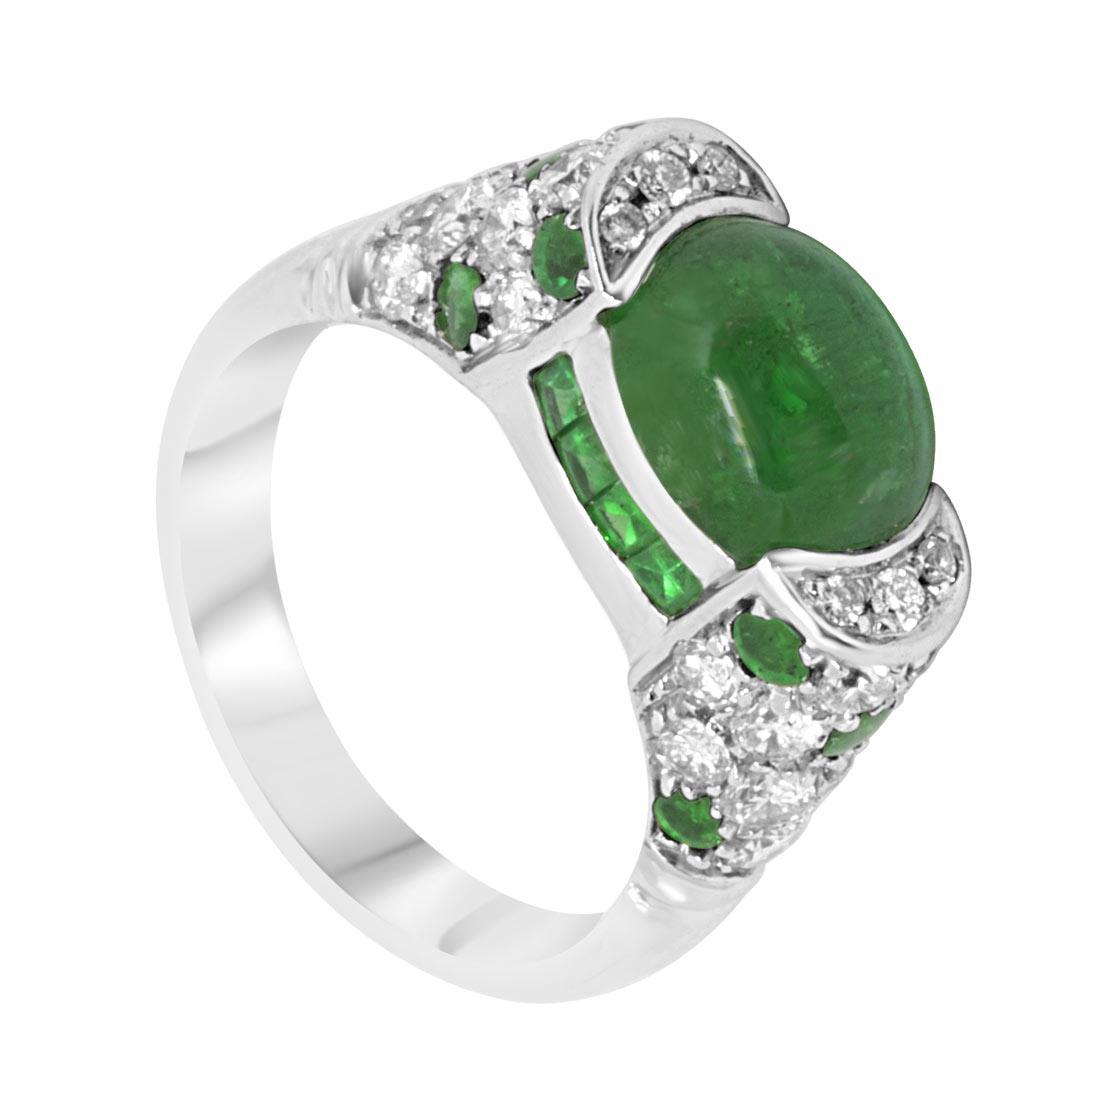 Anello in oro bianco con diamanti e smeraldi mis 14 - ORO&CO